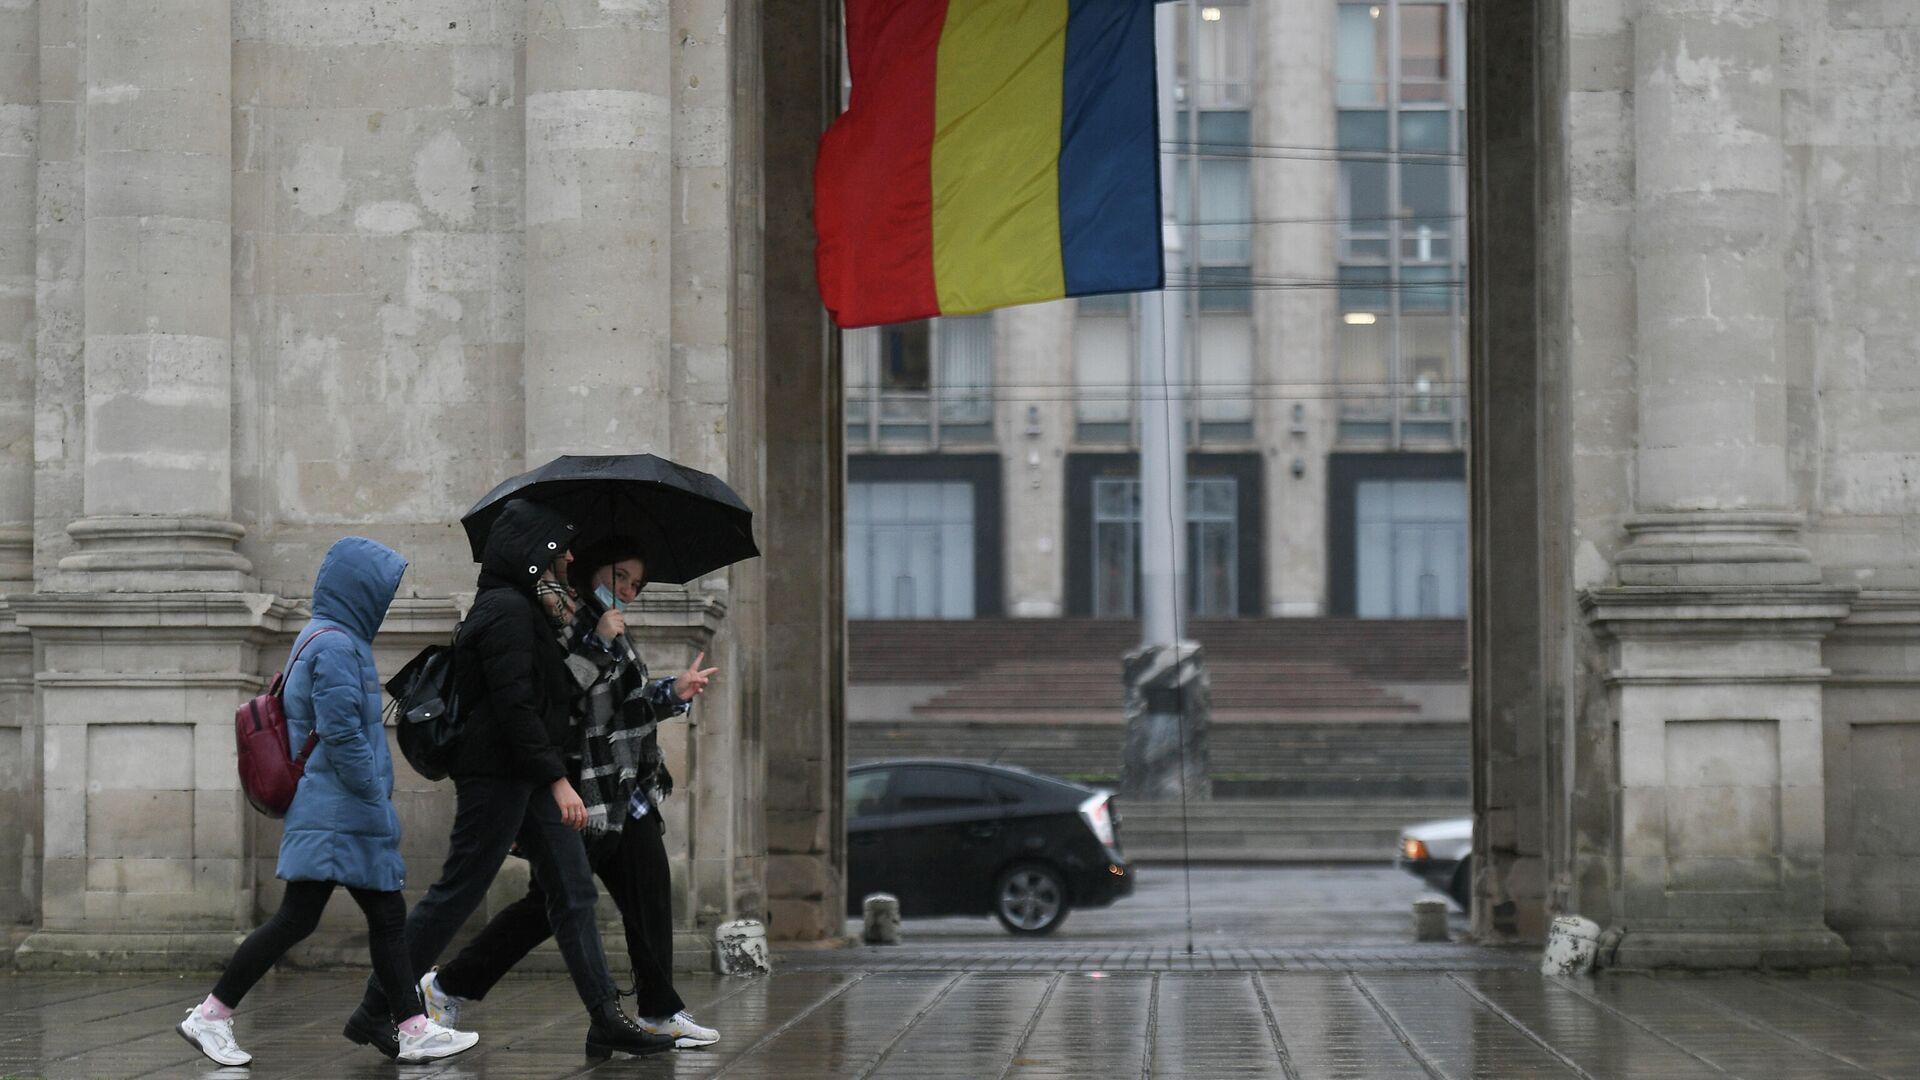 Прохожие у здания Правительства Молдавии в Кишиневе - РИА Новости, 1920, 27.01.2021